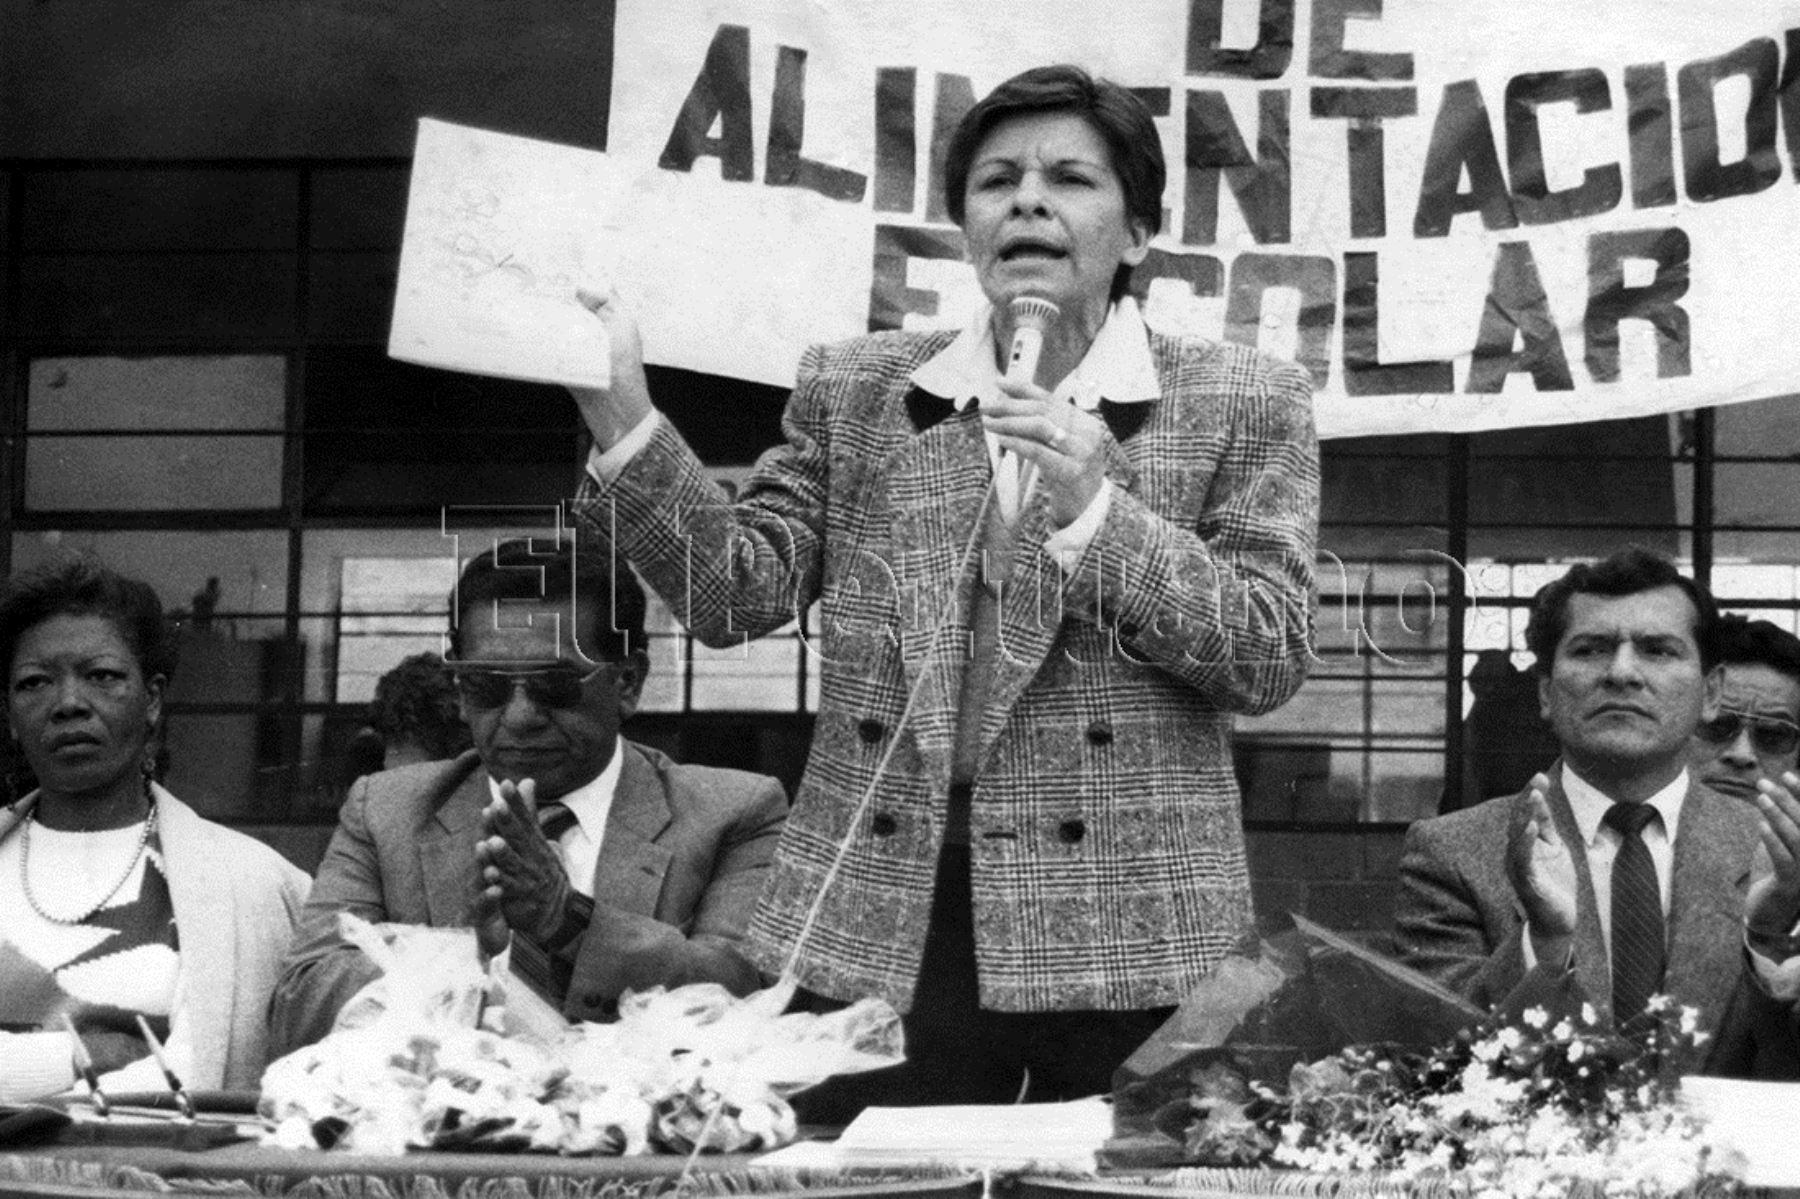 1987. Mercedes Cabanillas fue ministra de Educación en el primer gobierno aprista y también presidenta del Congreso entre el 2006 y 2007, en el segundo gobierno de Alan García.